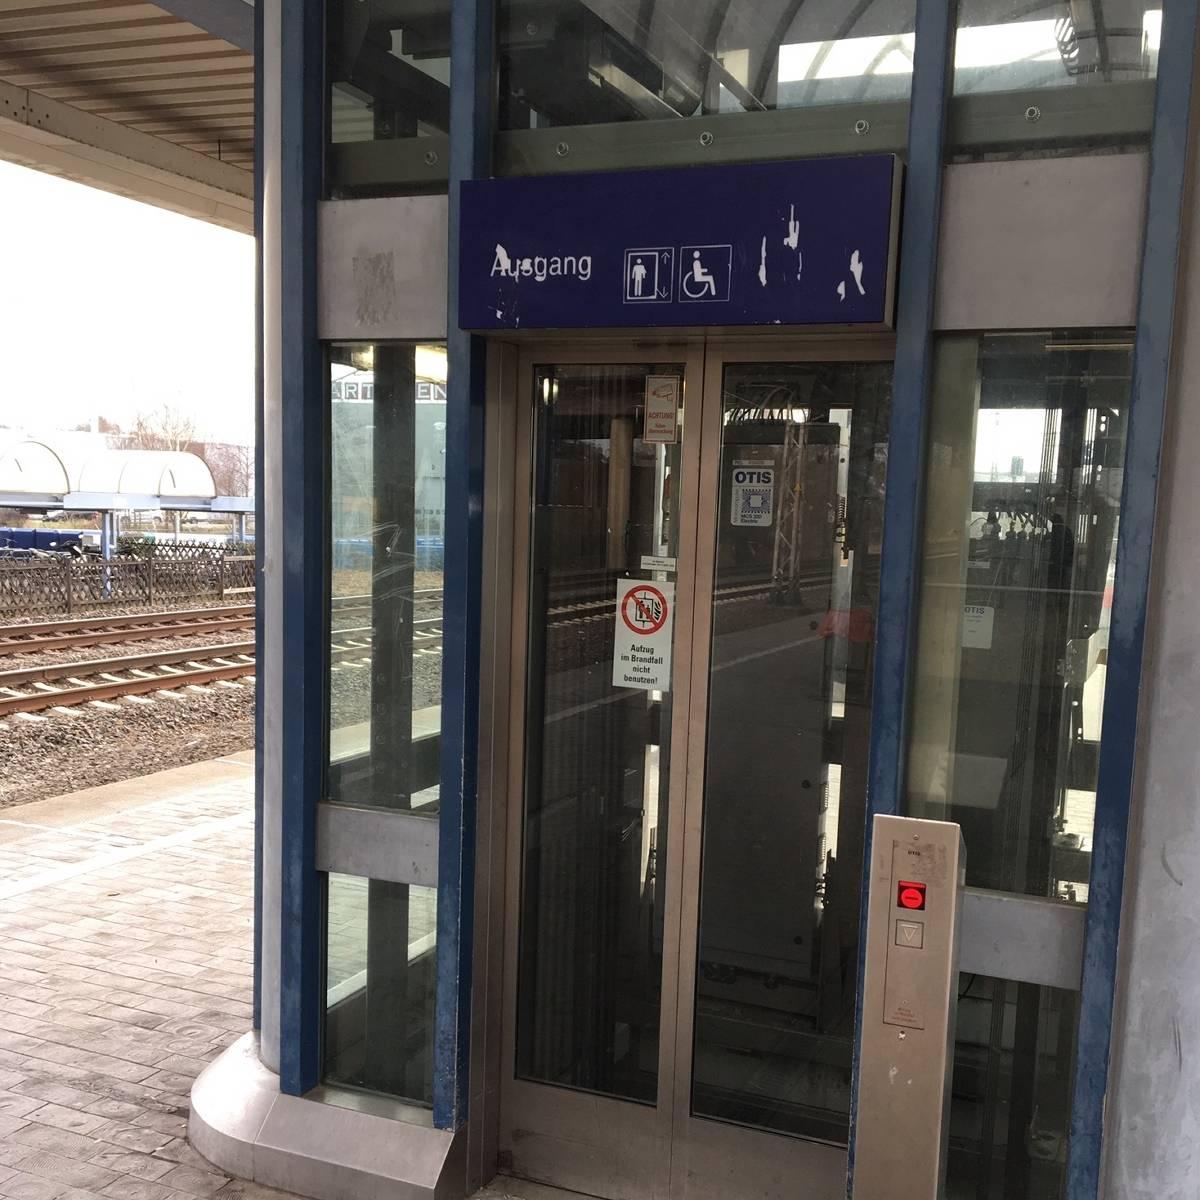 Bekannt Langenfeld: Aufzug am S-Bahnhof Langenfeld ist schon lange außer KL28